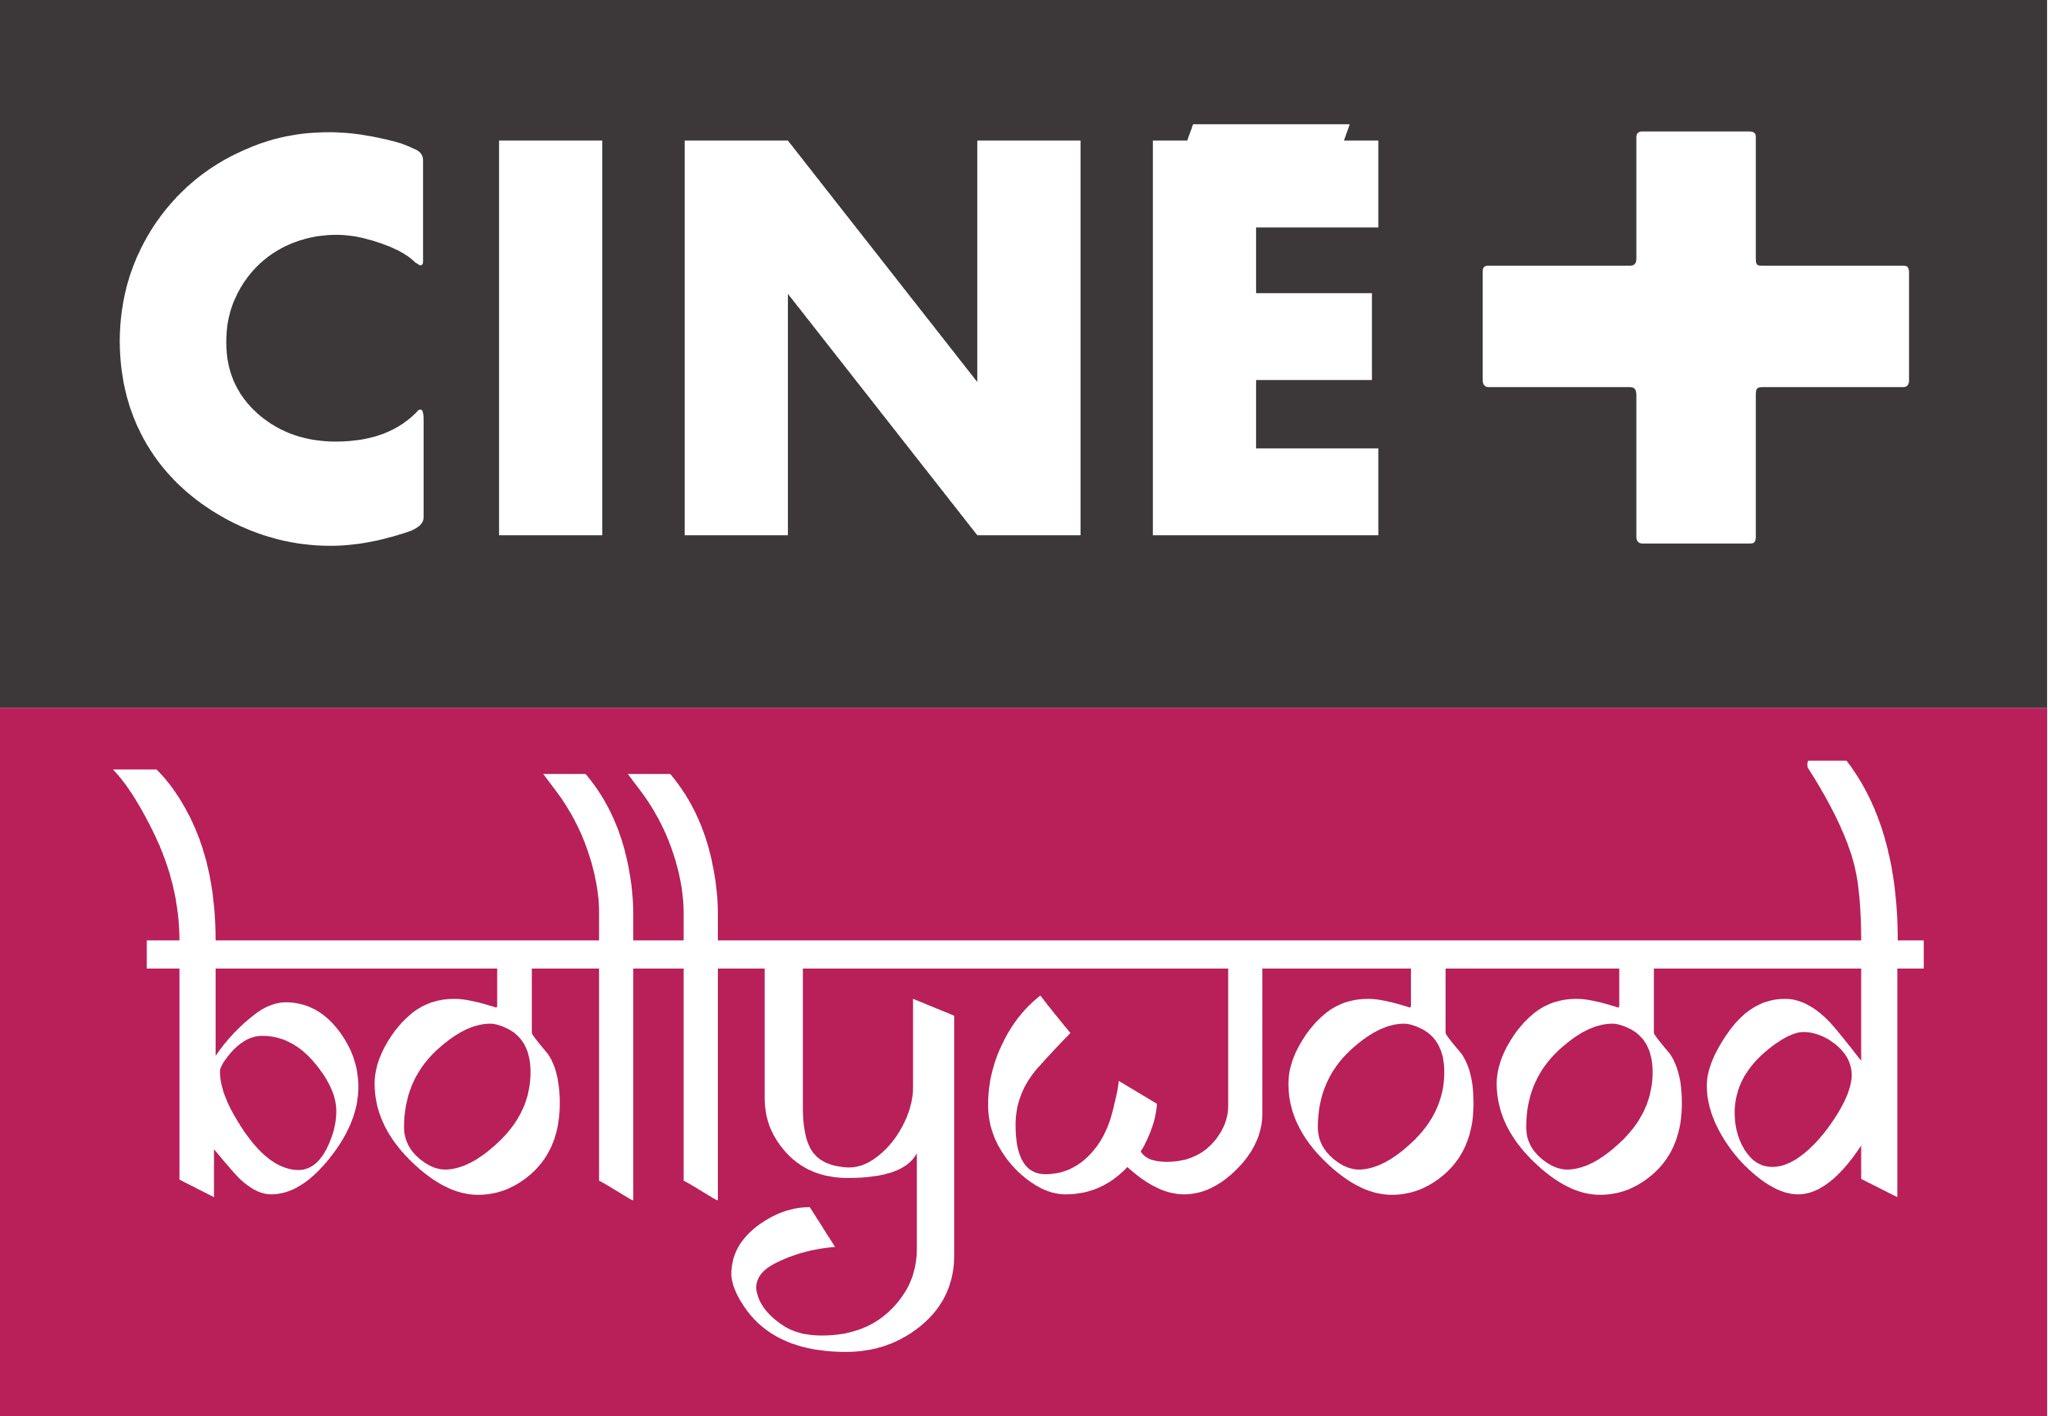 myCANAL: Lancement le 4 janvier de la chaîne digitale éphémère CINE+ BOLLYWOOD